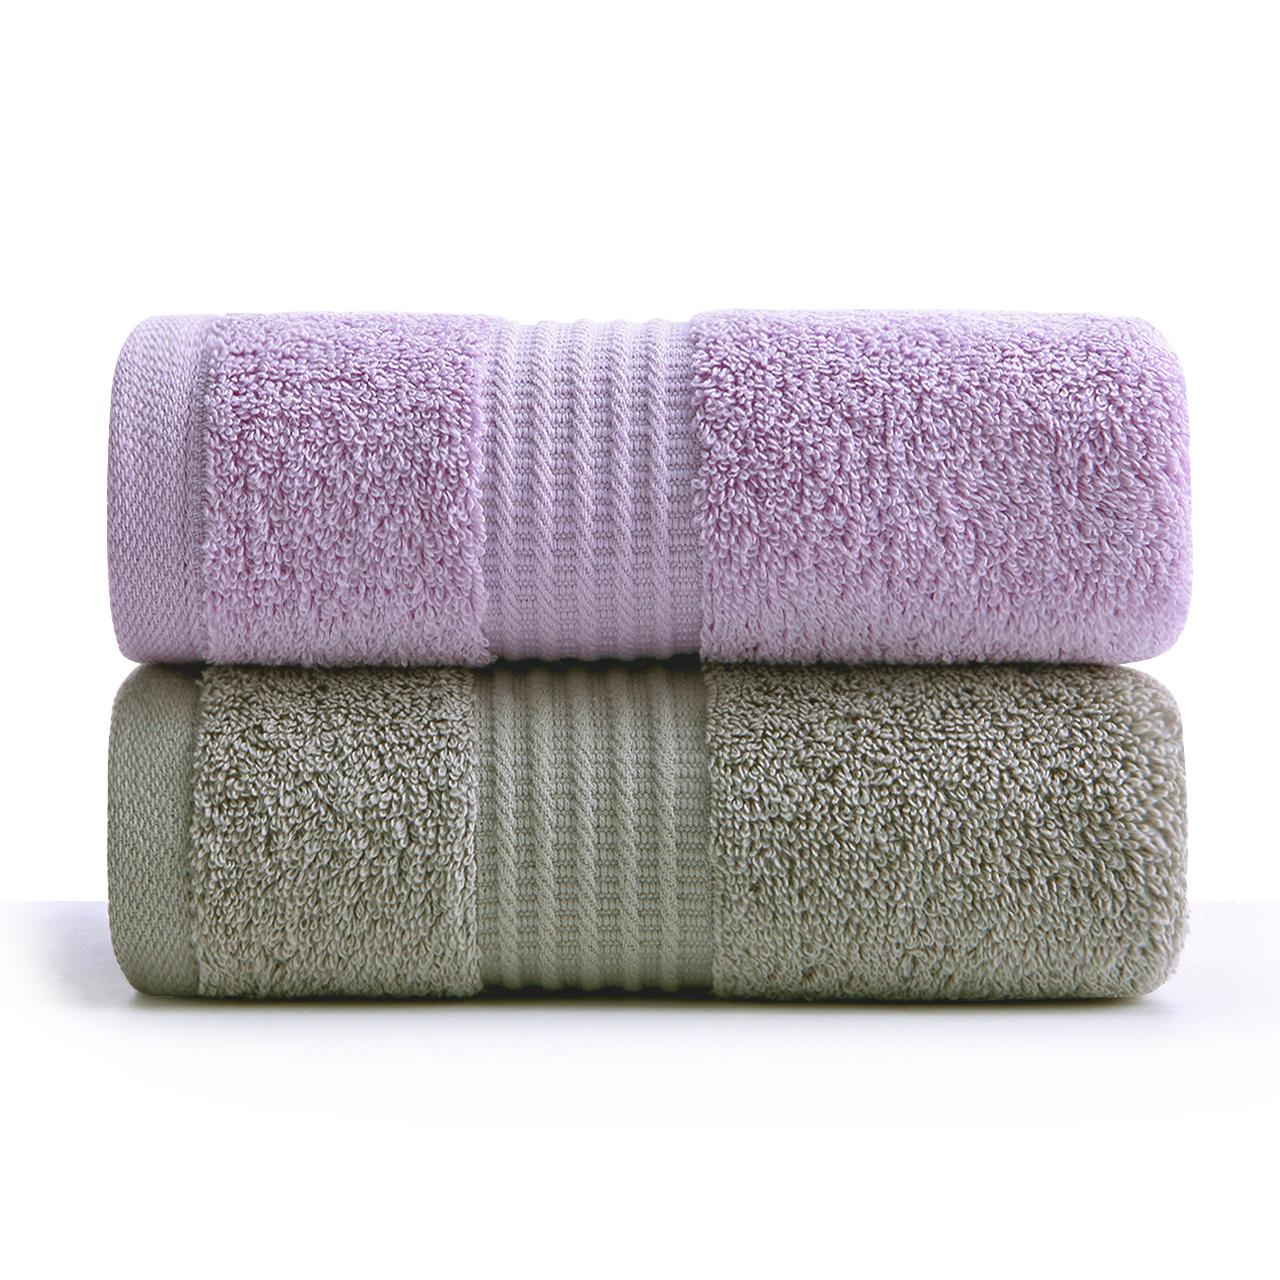 聚劃算百億補貼: 金號  純棉毛巾  70*33cm/90g  3條裝